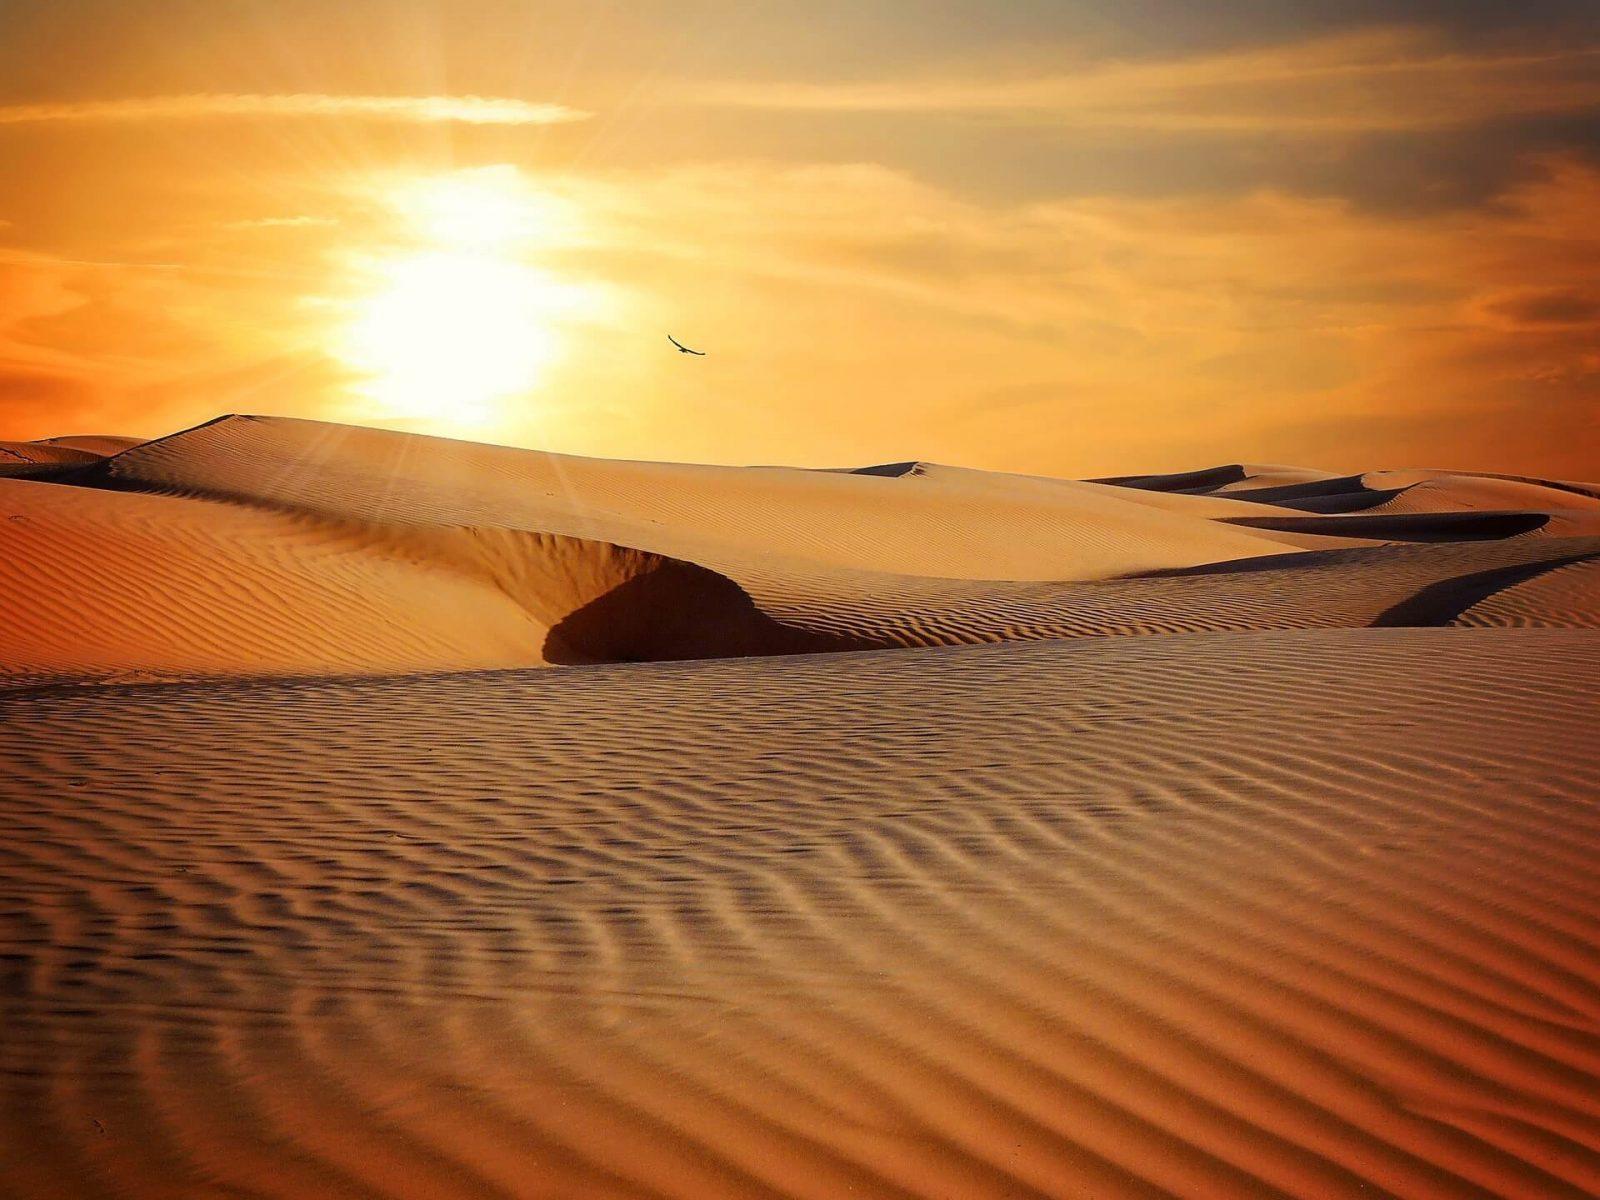 El desierto: Formación y tipos